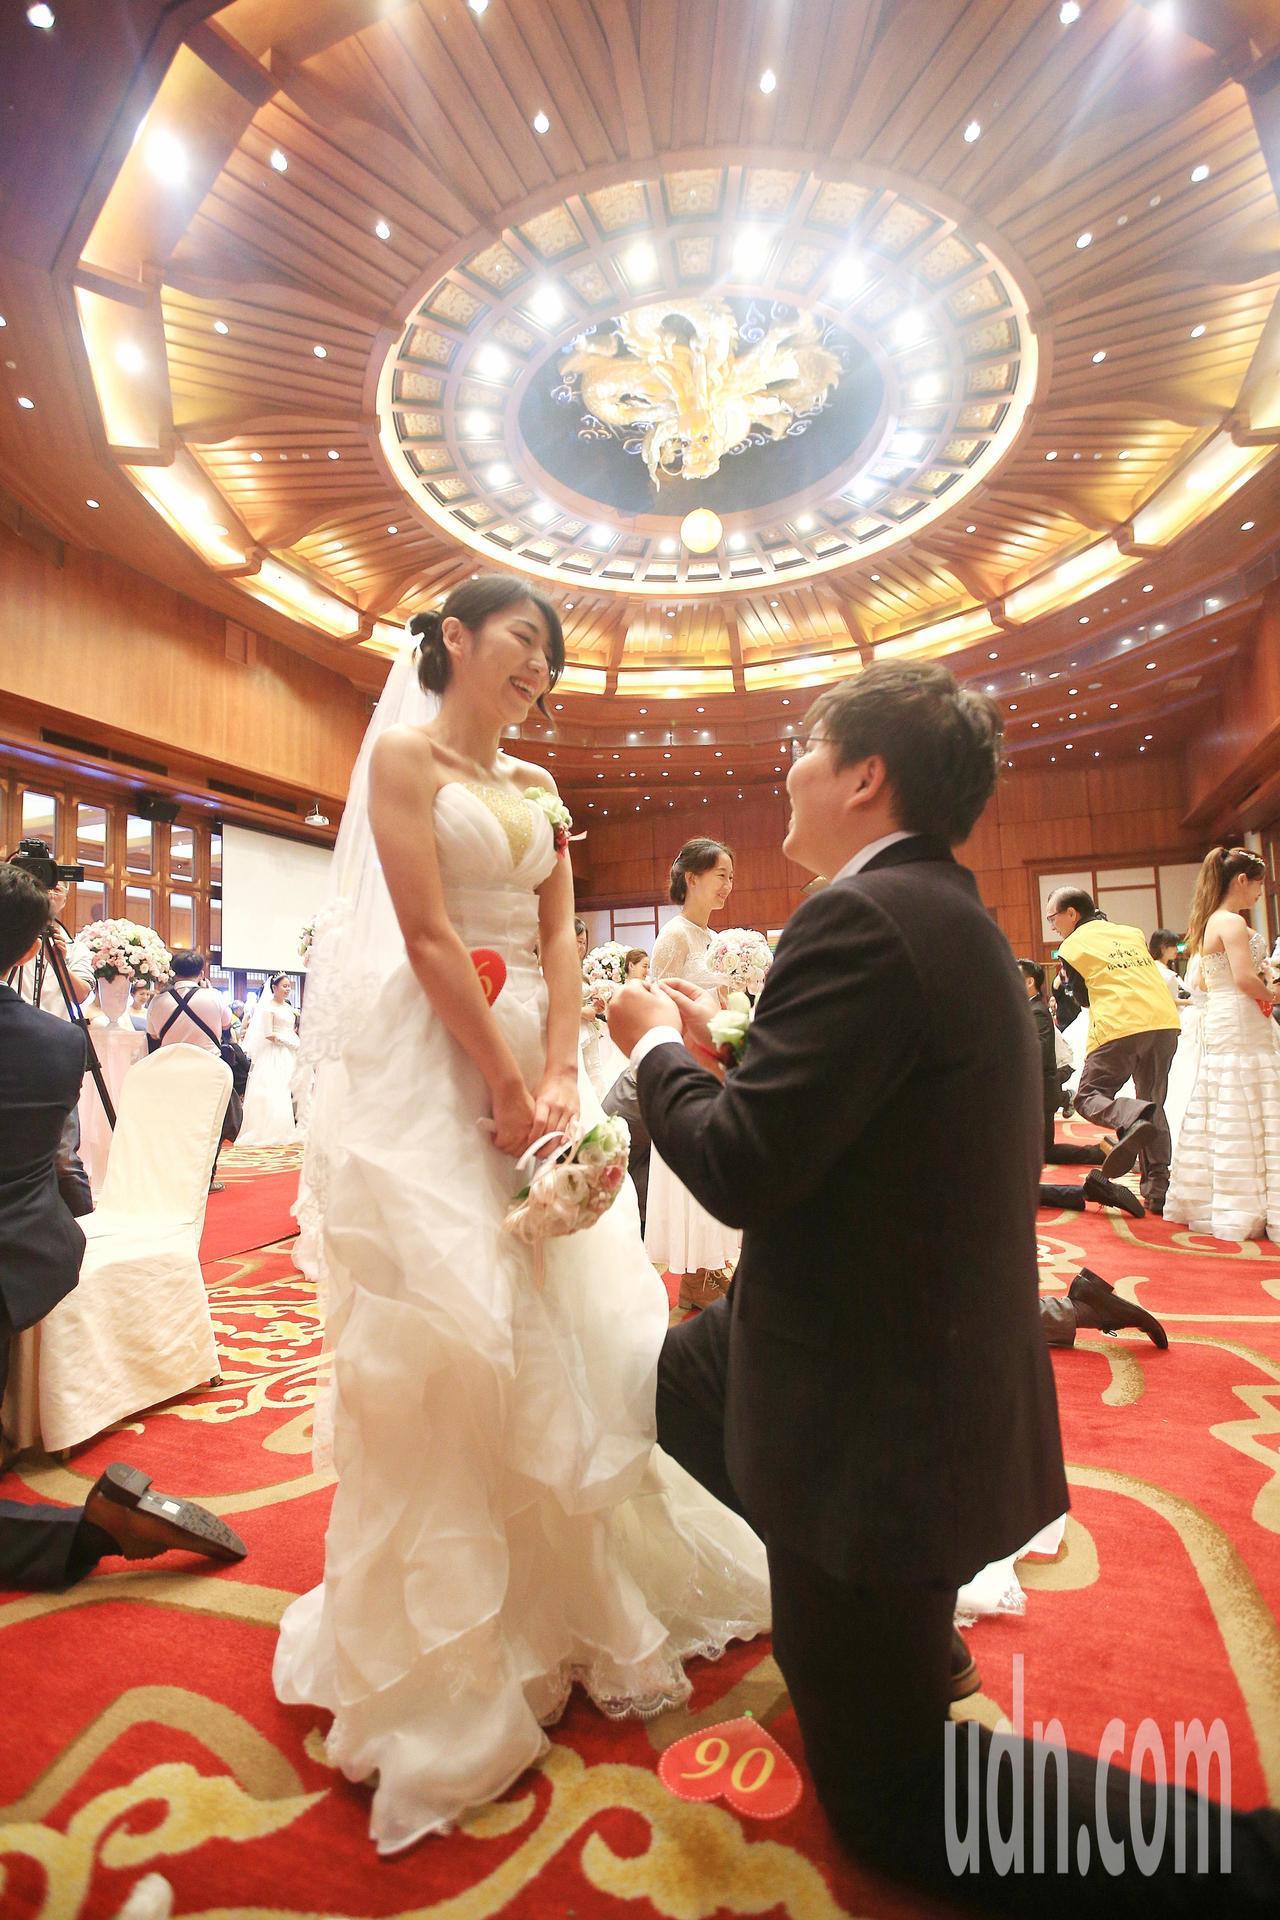 中華電信上午在圓山飯店舉行員眷集團婚禮,72對新人在親友團的祝福下,步入婚姻殿堂...